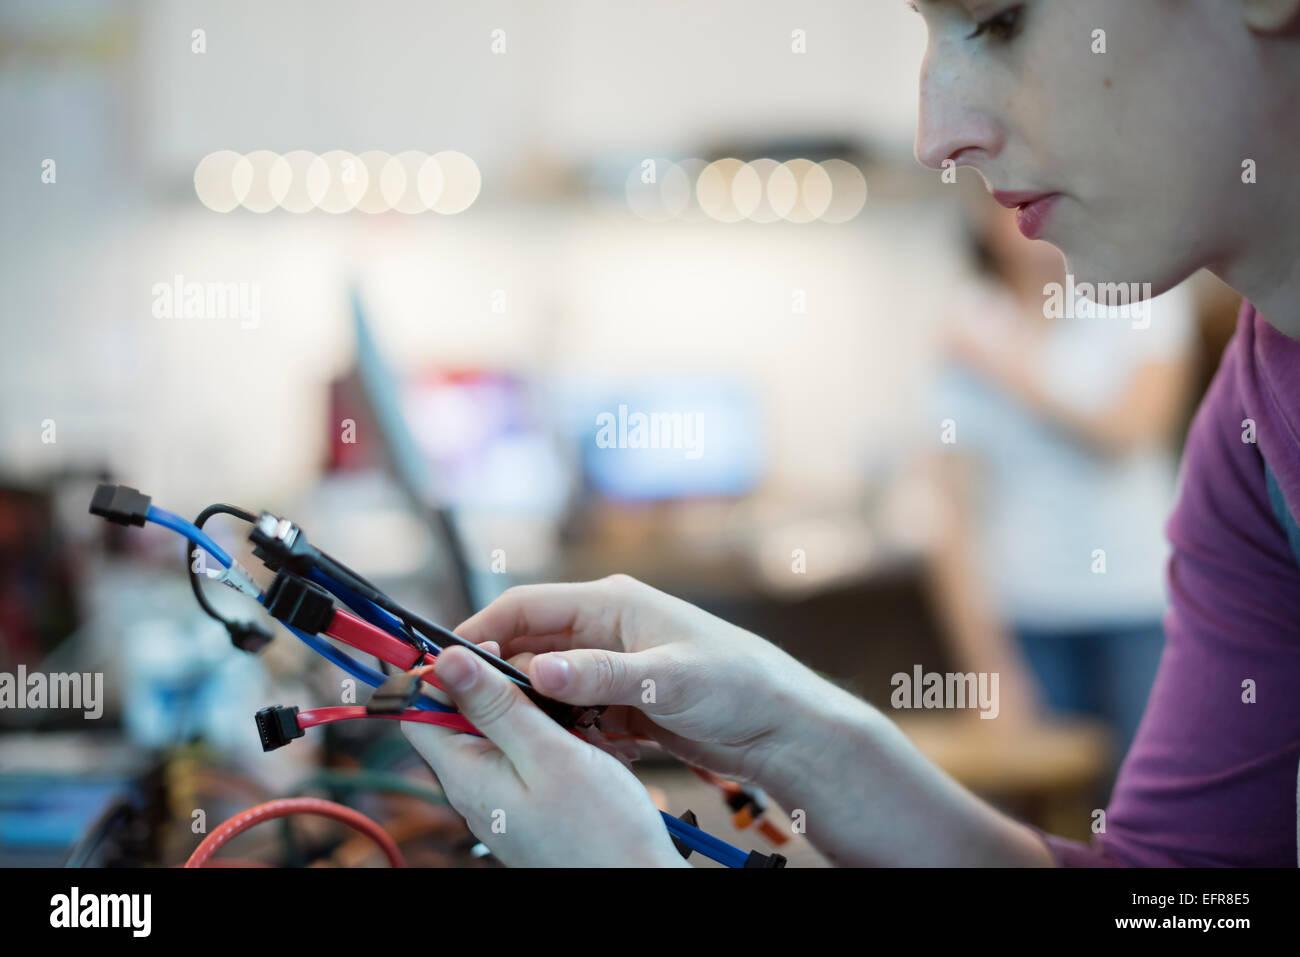 Eine junge Frau mit verbindenden Kabel und USB-führt in ein Computer-Werkstatt. Stockbild